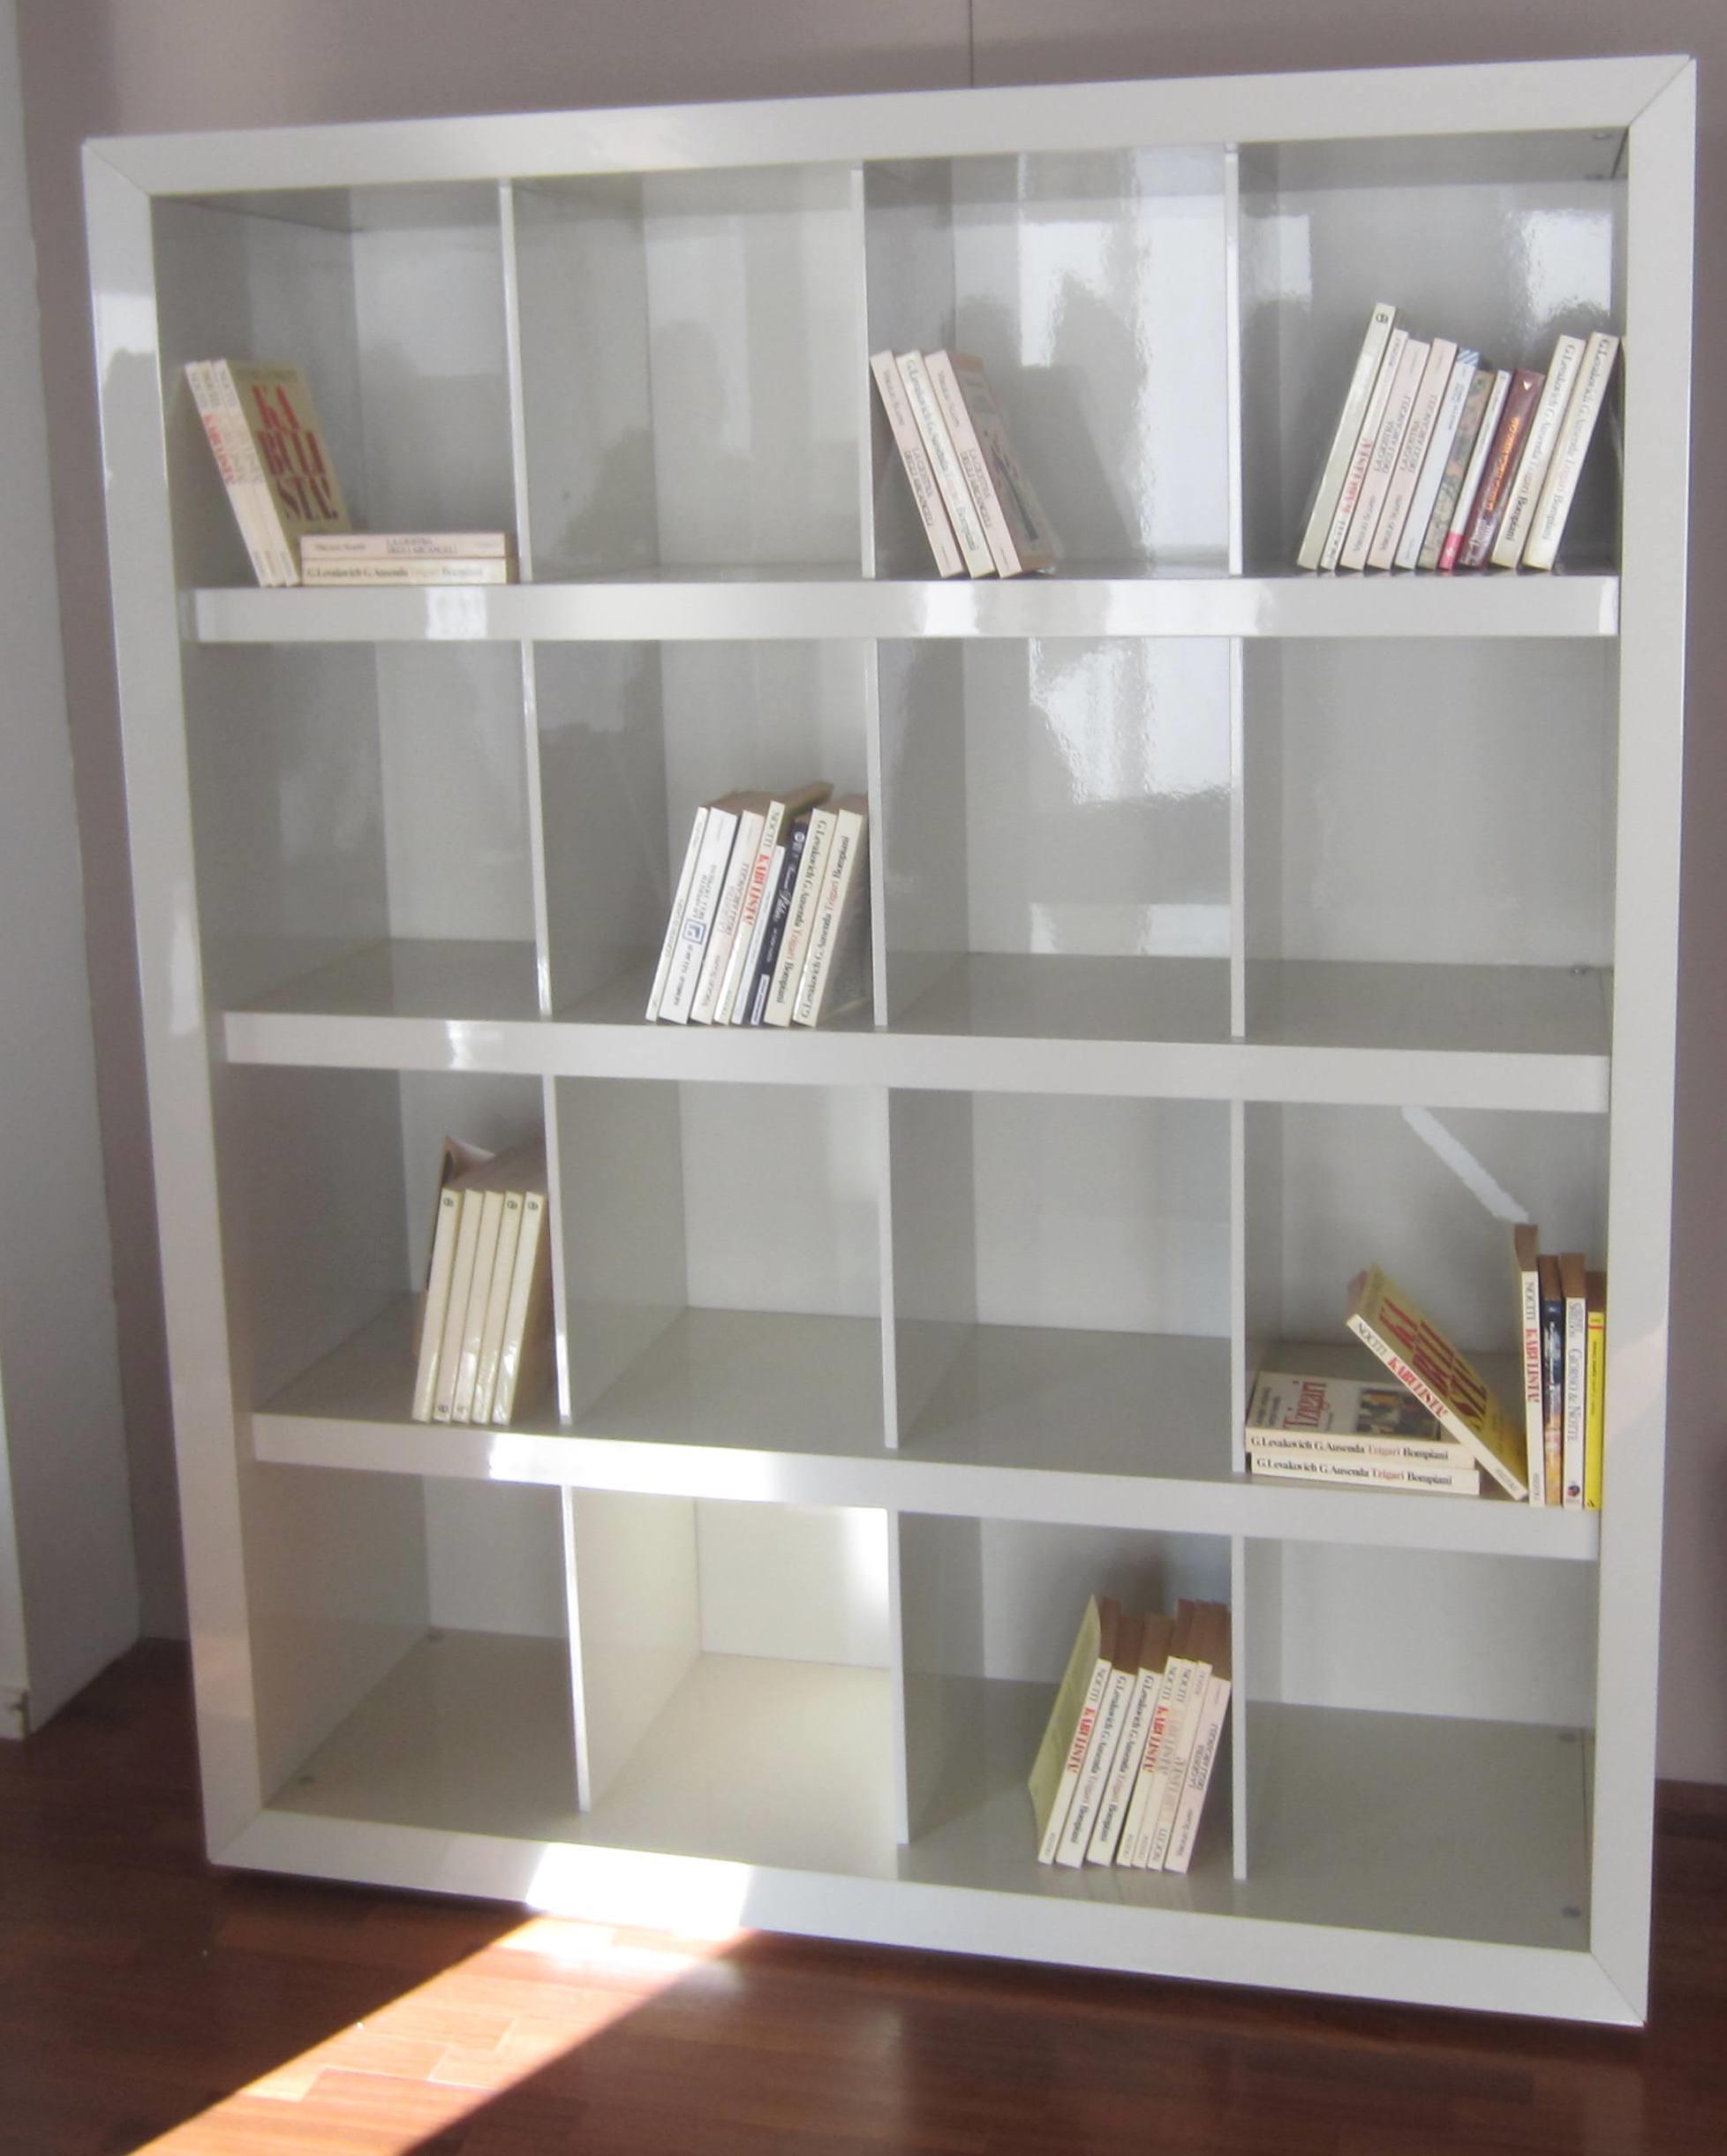 Offerta libreria san giacomo soggiorni a prezzi scontati for Librerie modulari economiche